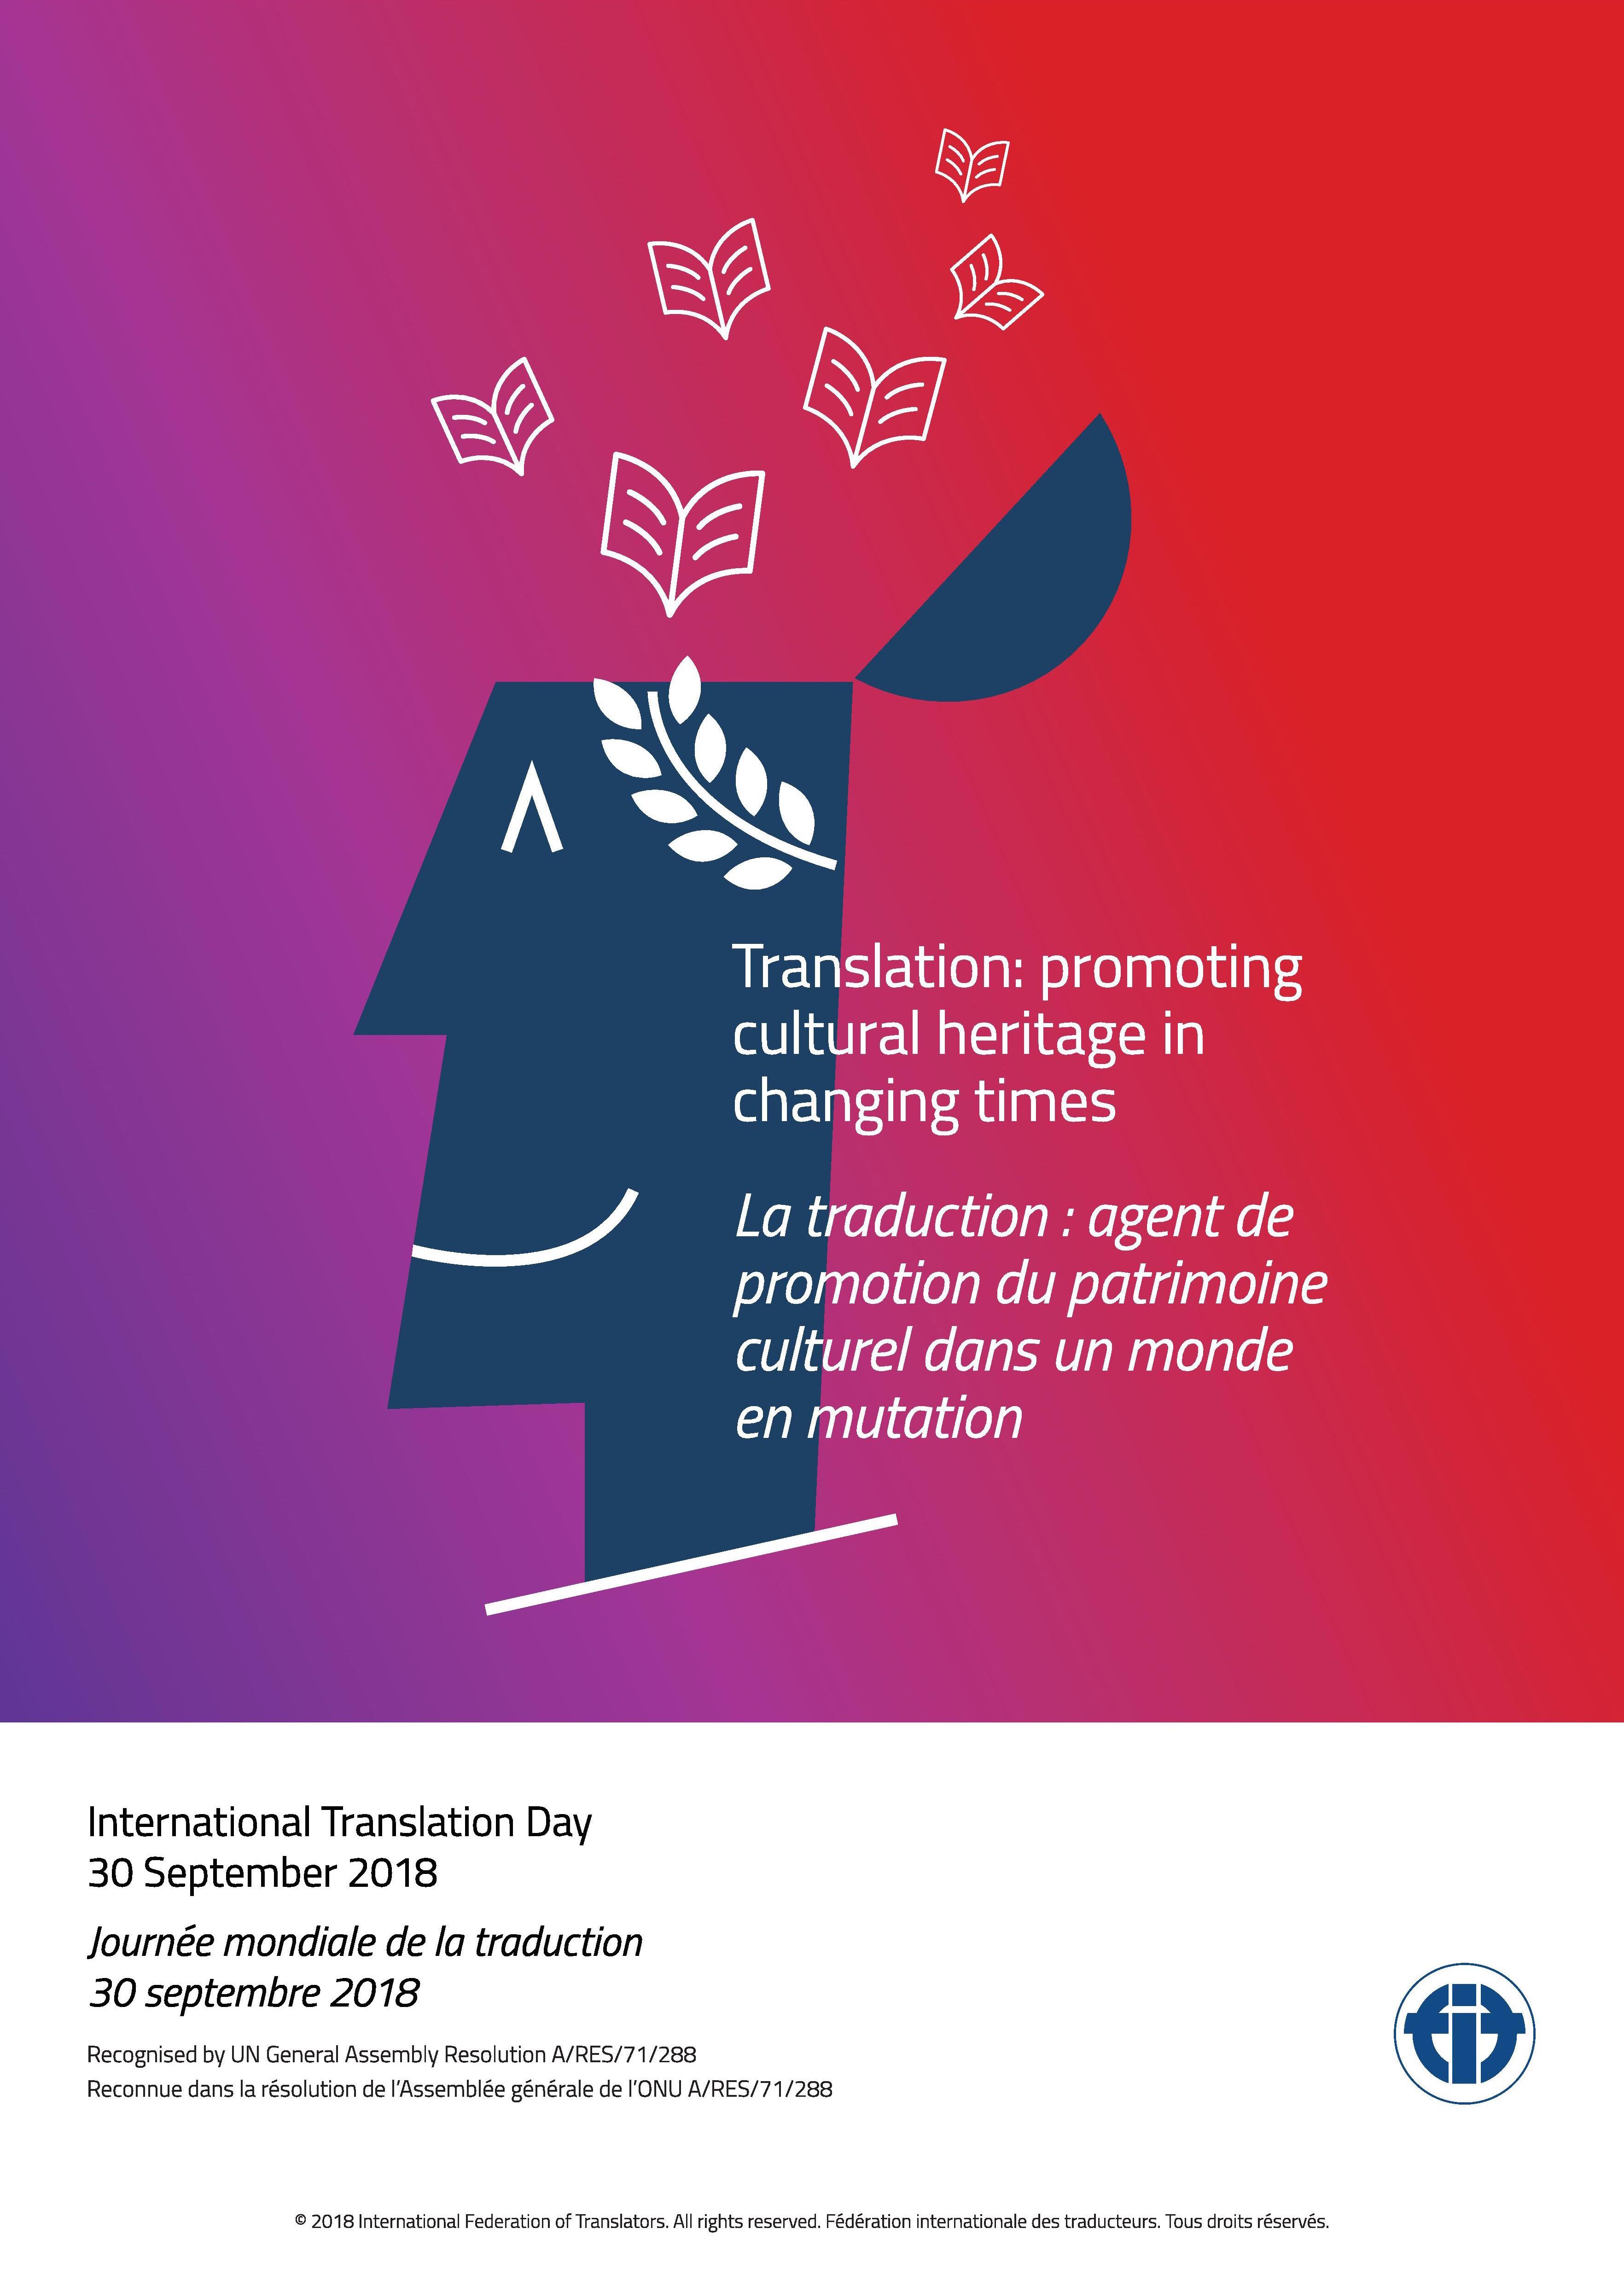 JMT 2018: La traduction: agent de promotion du patrimoine culturel dans un monde en mutation